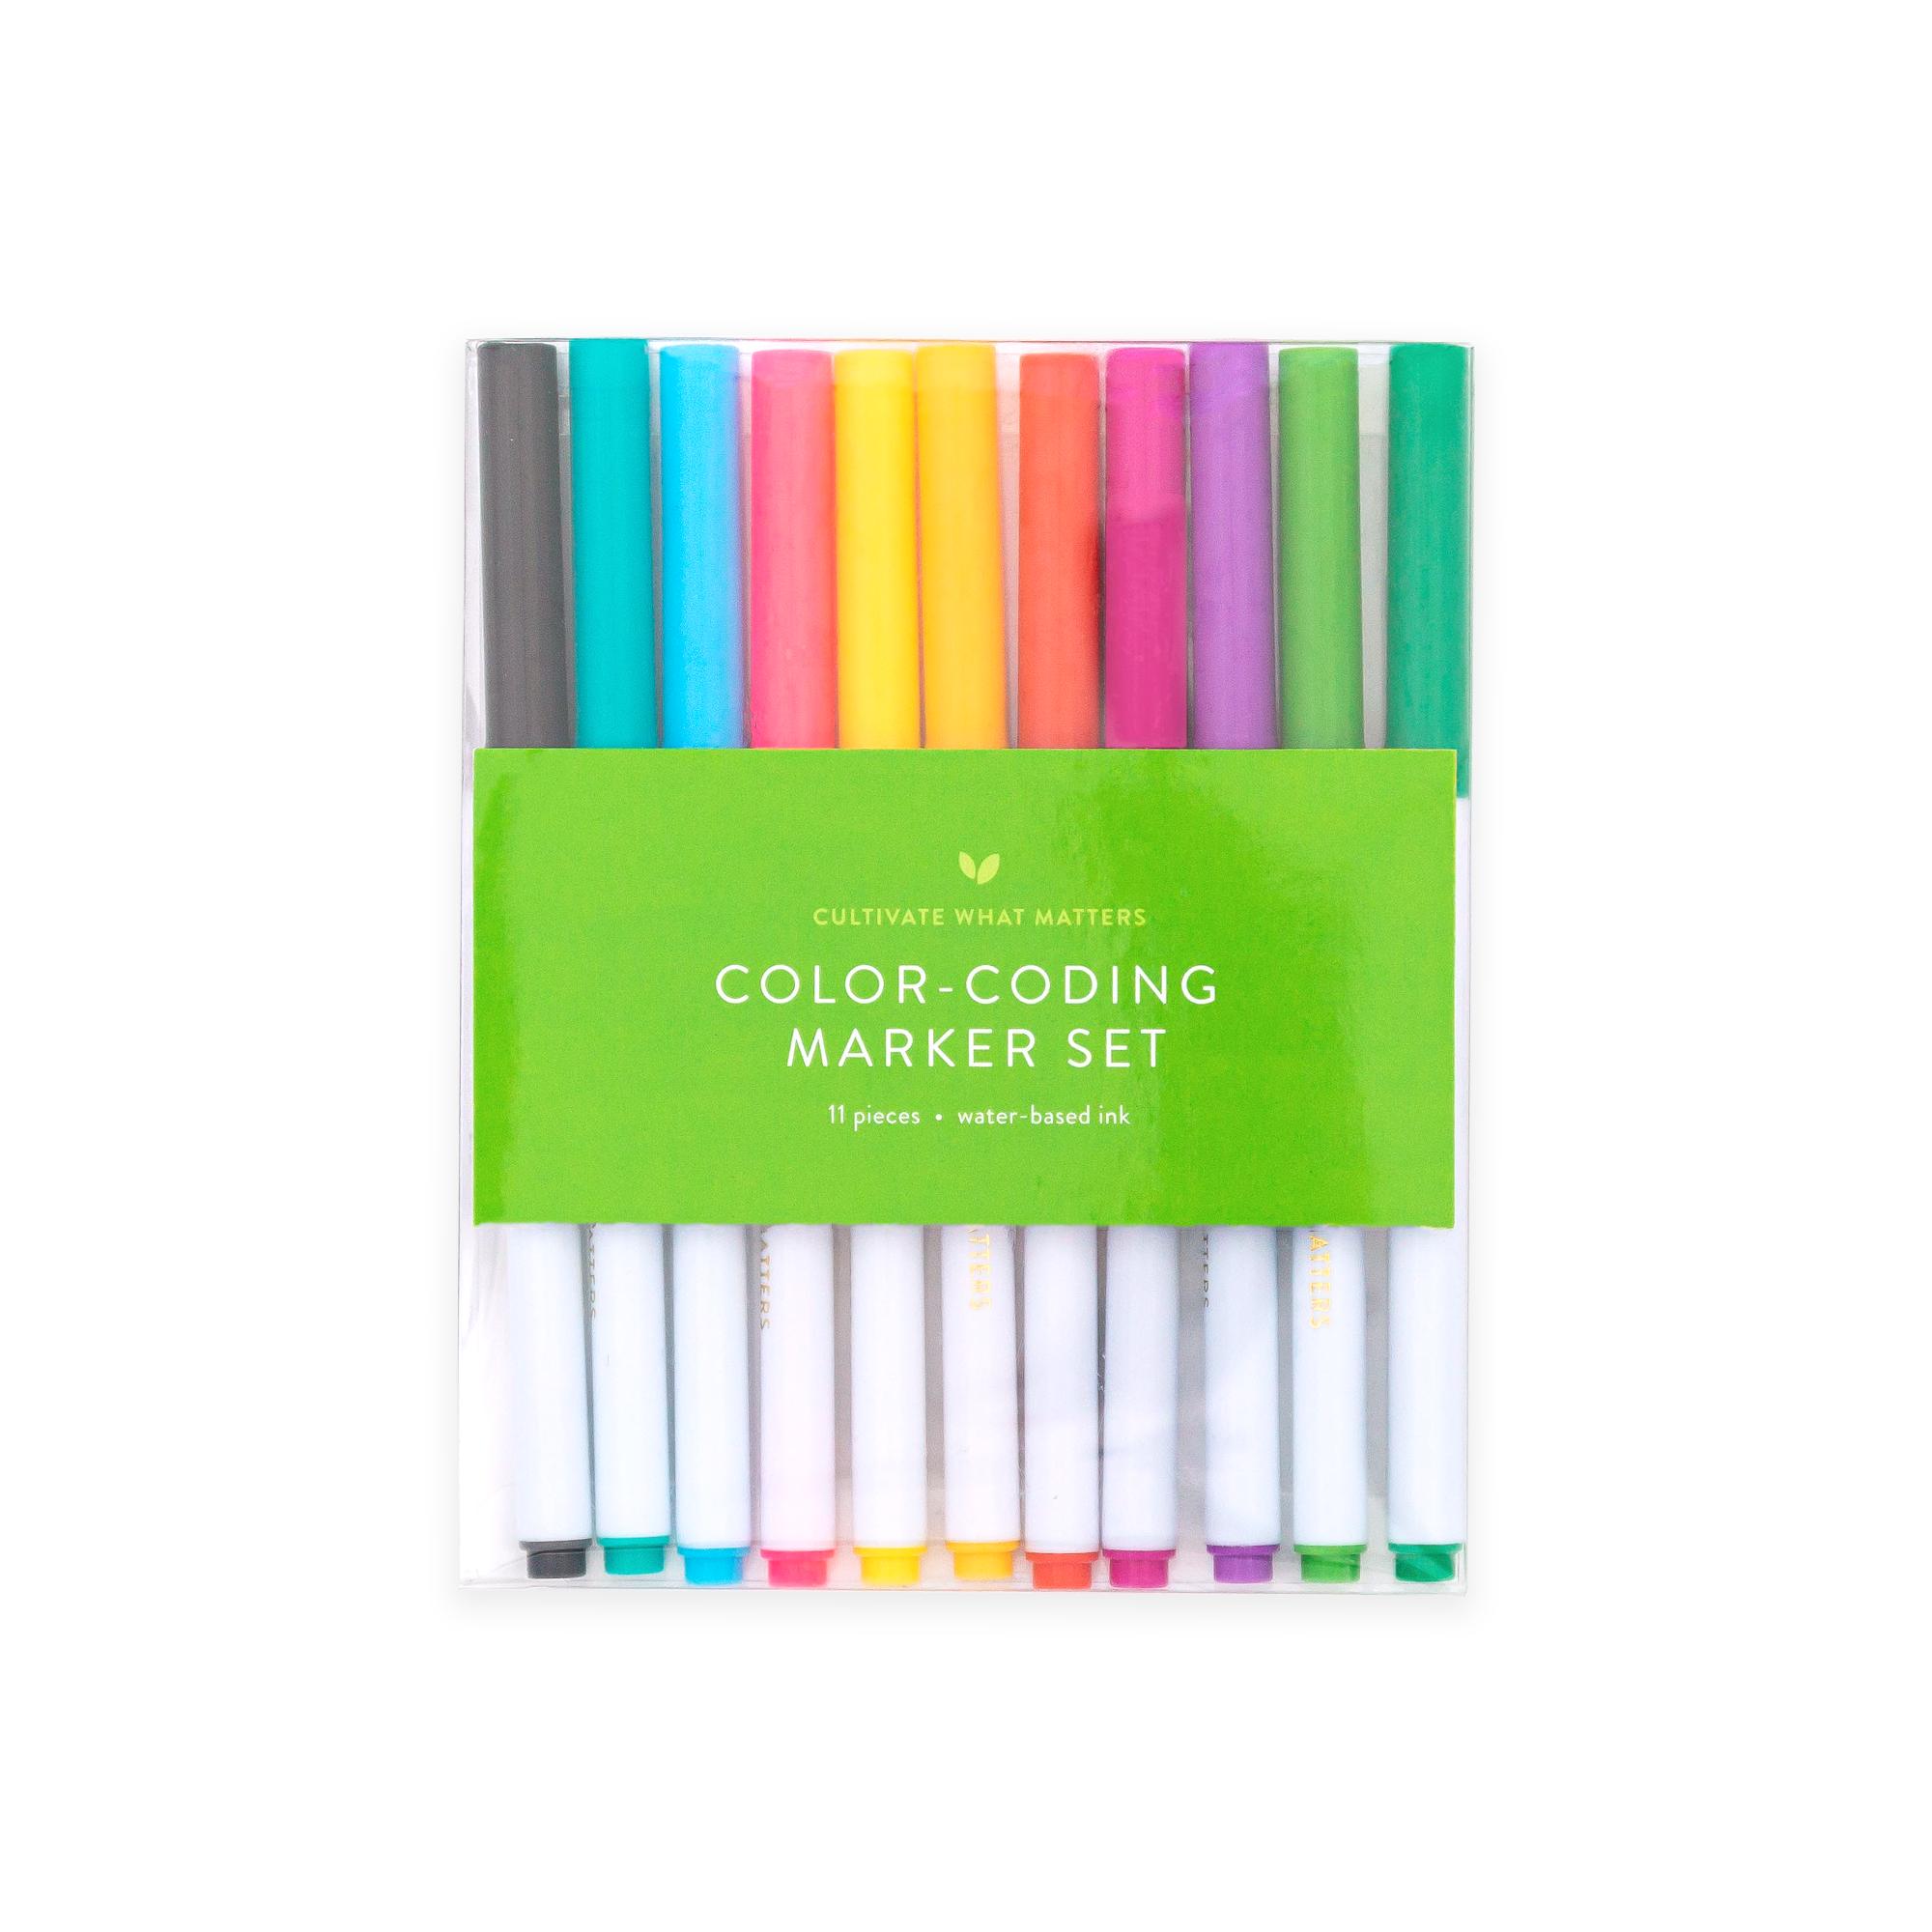 Color-Coding Marker Set